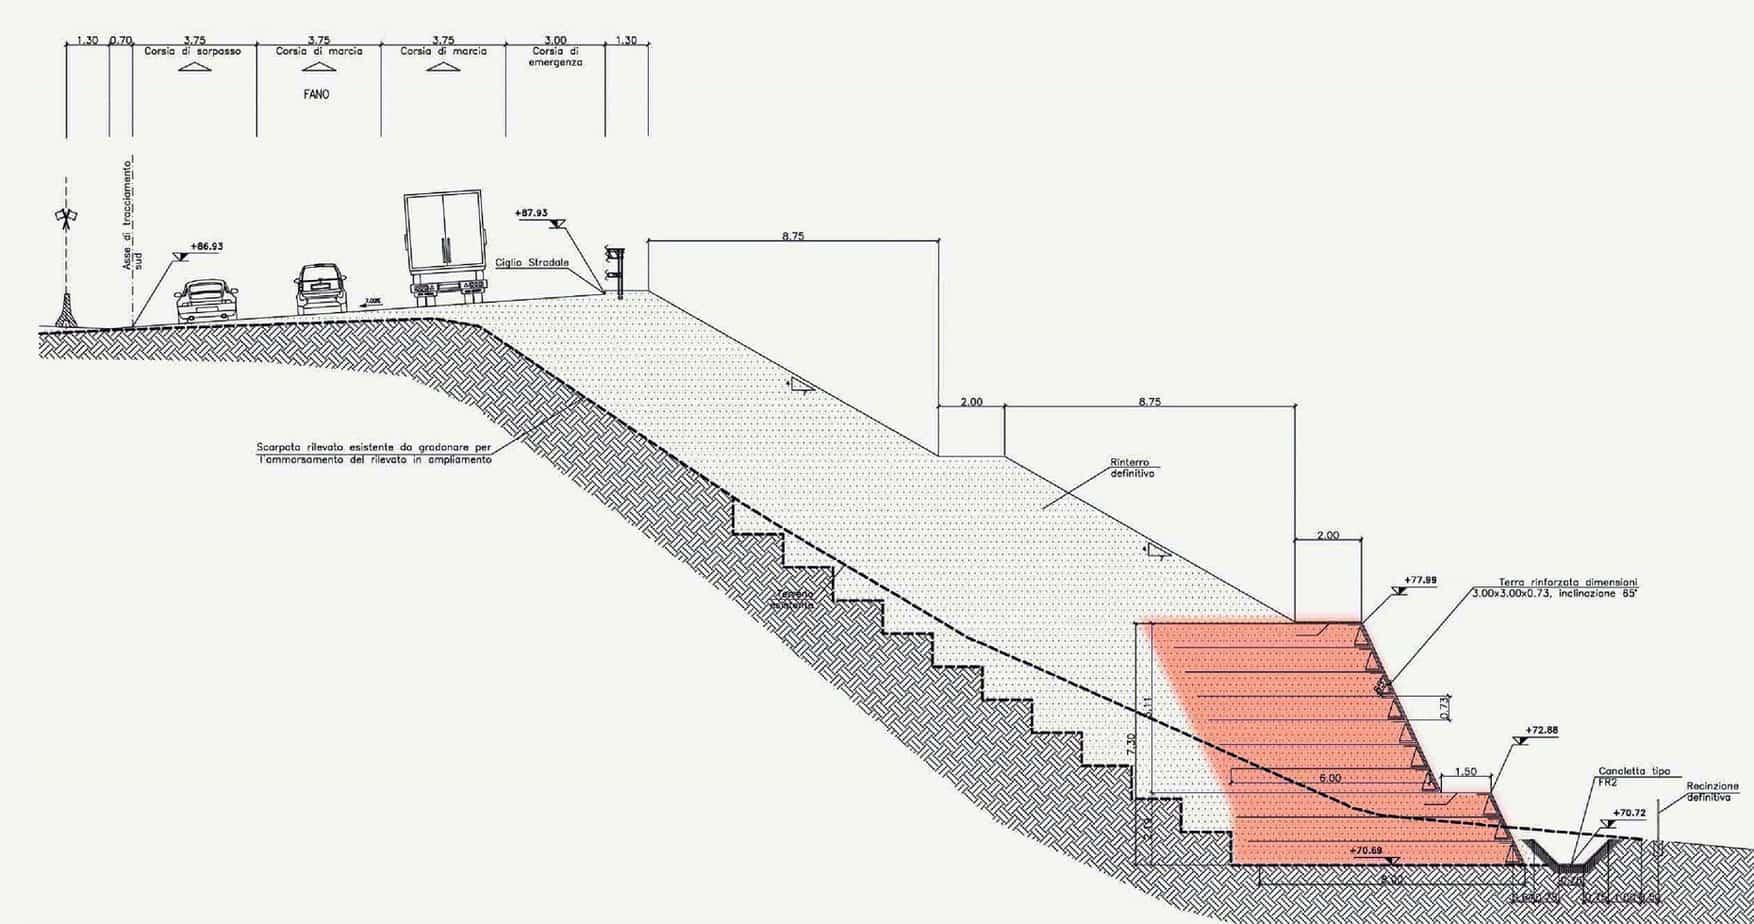 La sezione della struttura TA06